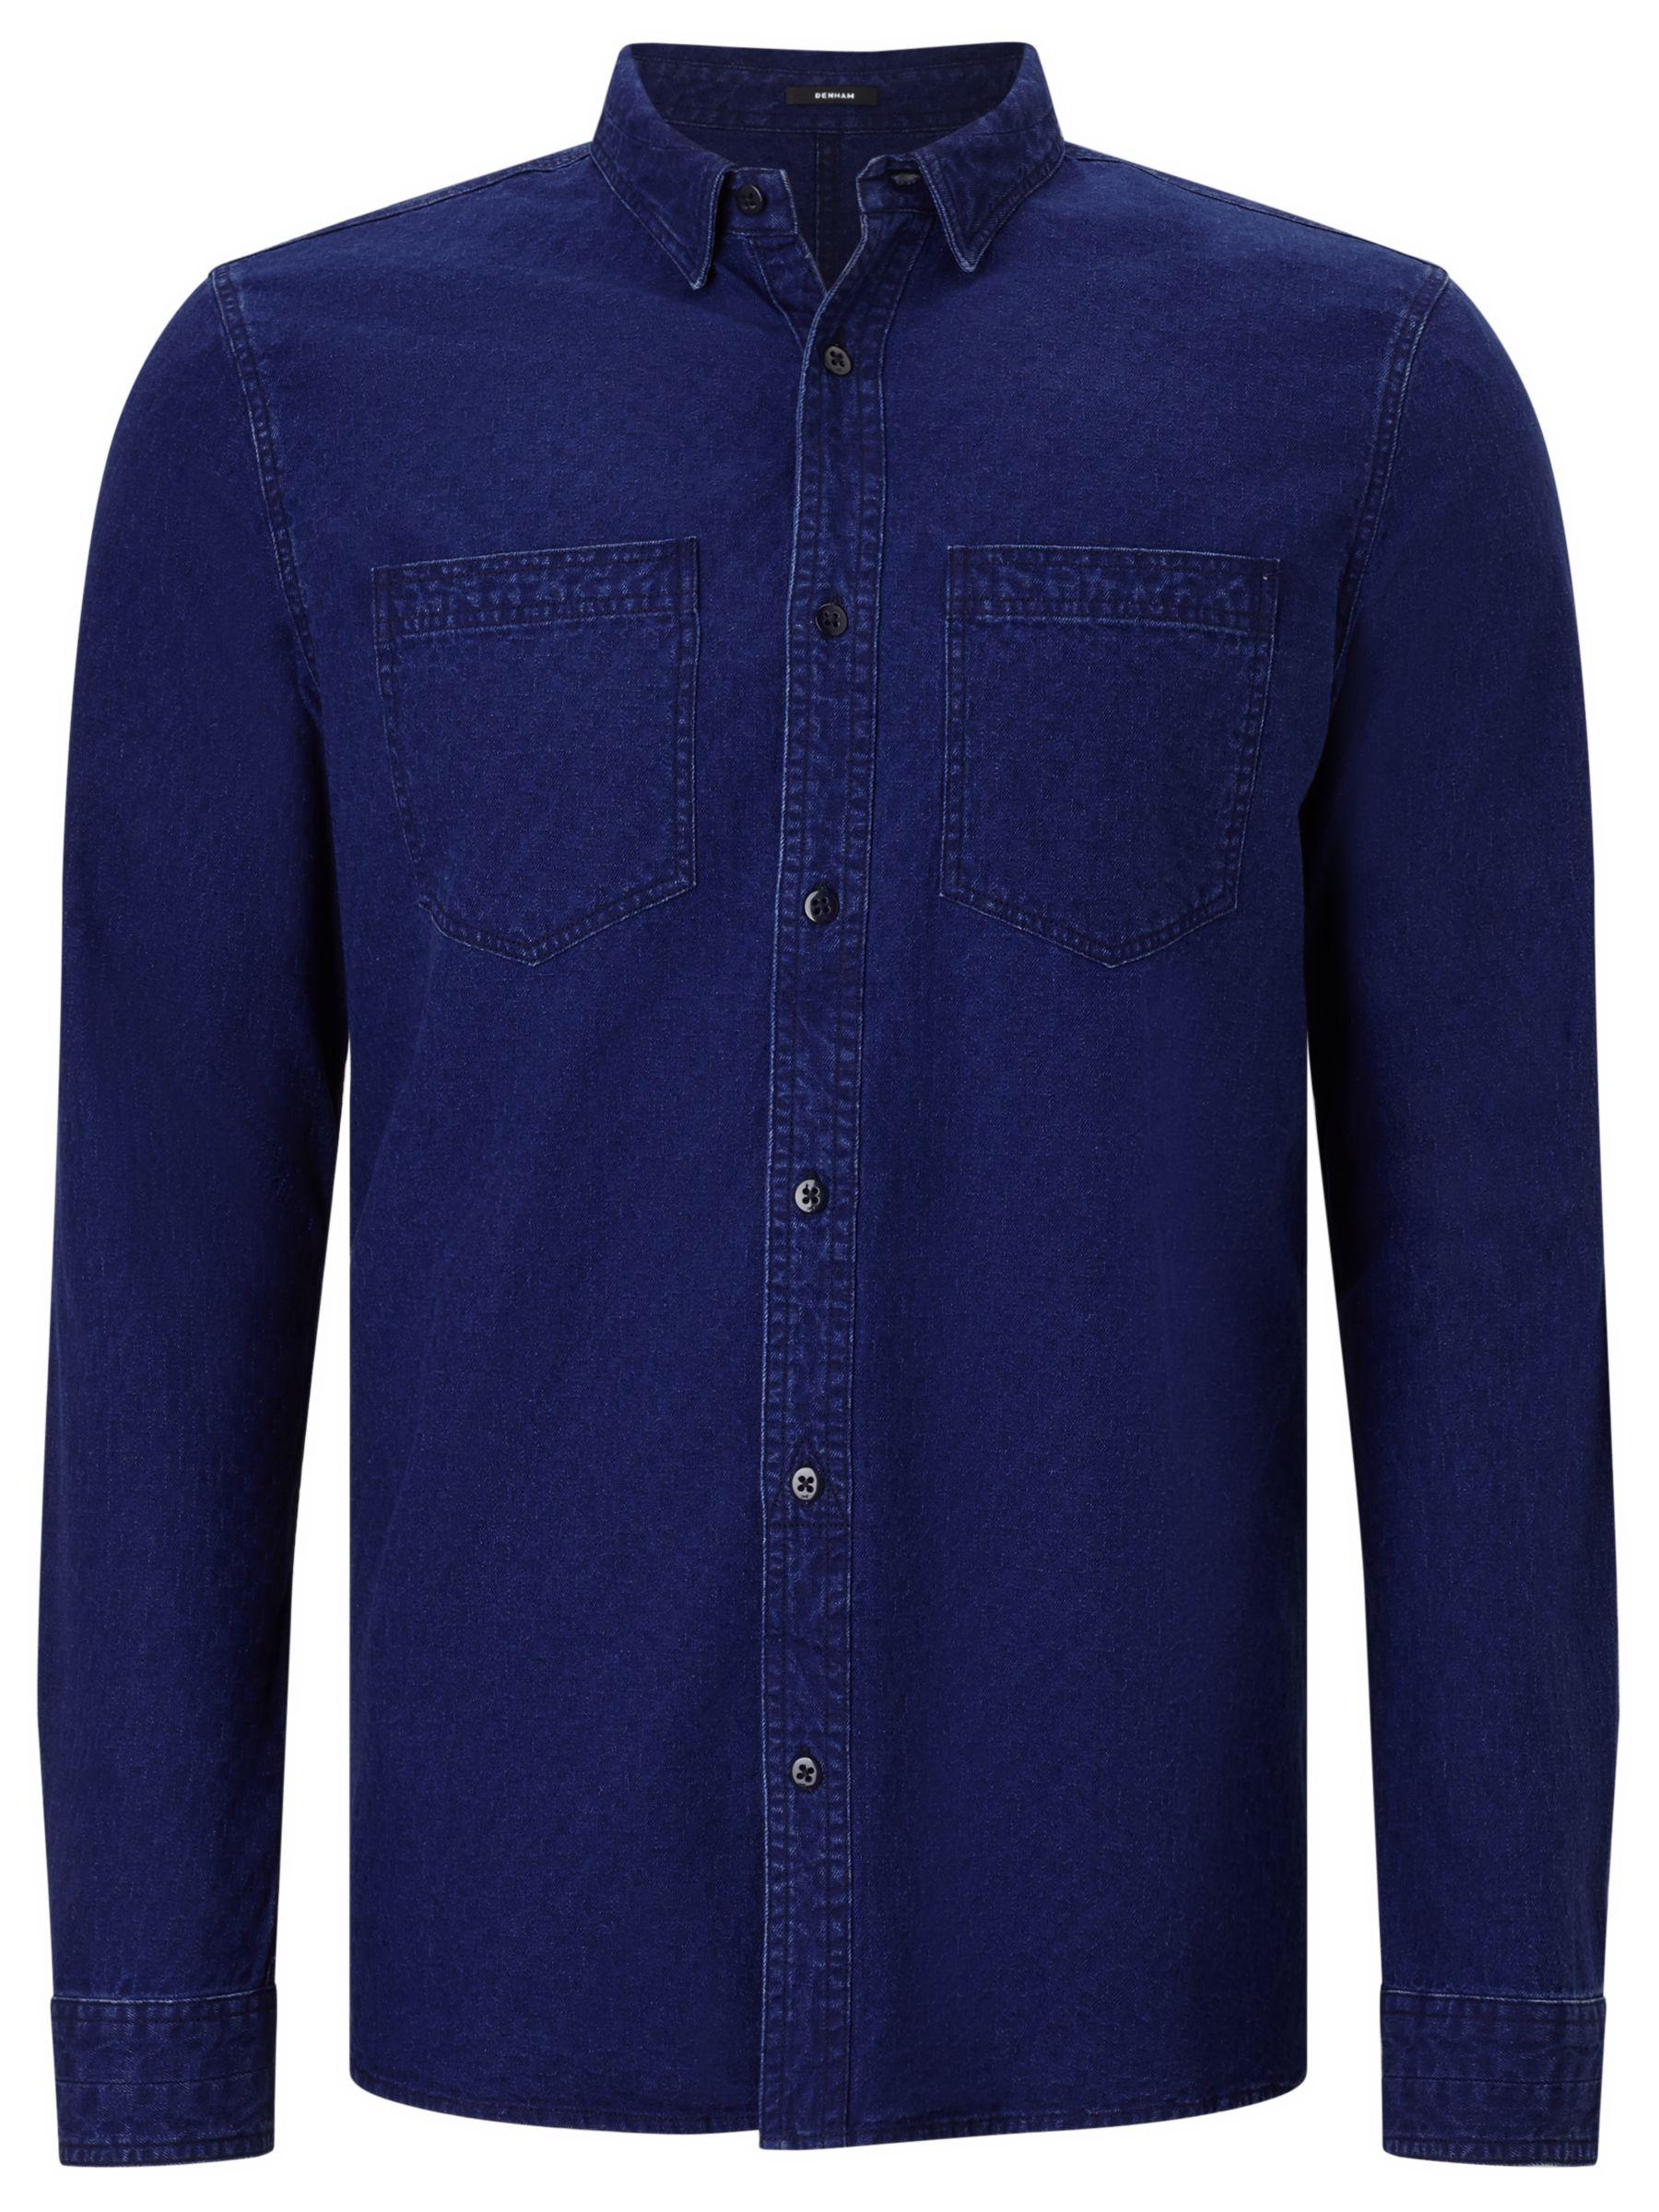 Denham Denham Edged Cotton Shirt, Indigo